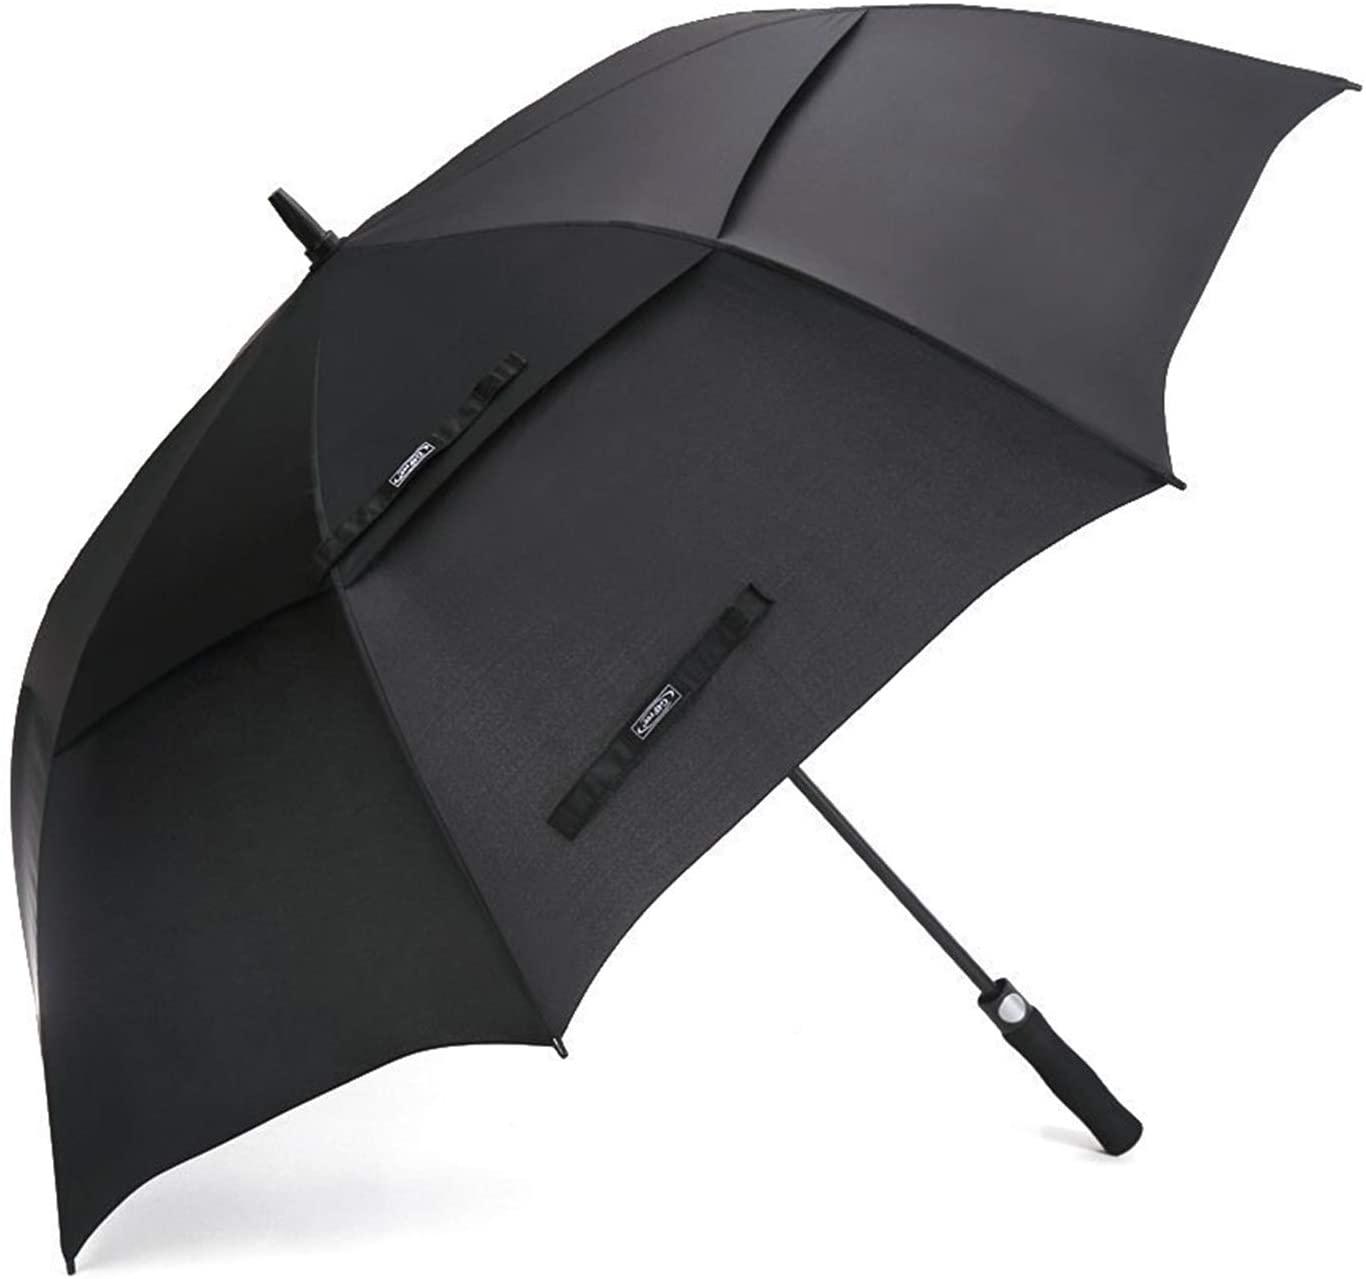 paraguas-g4free-golf-ultimate.jpg